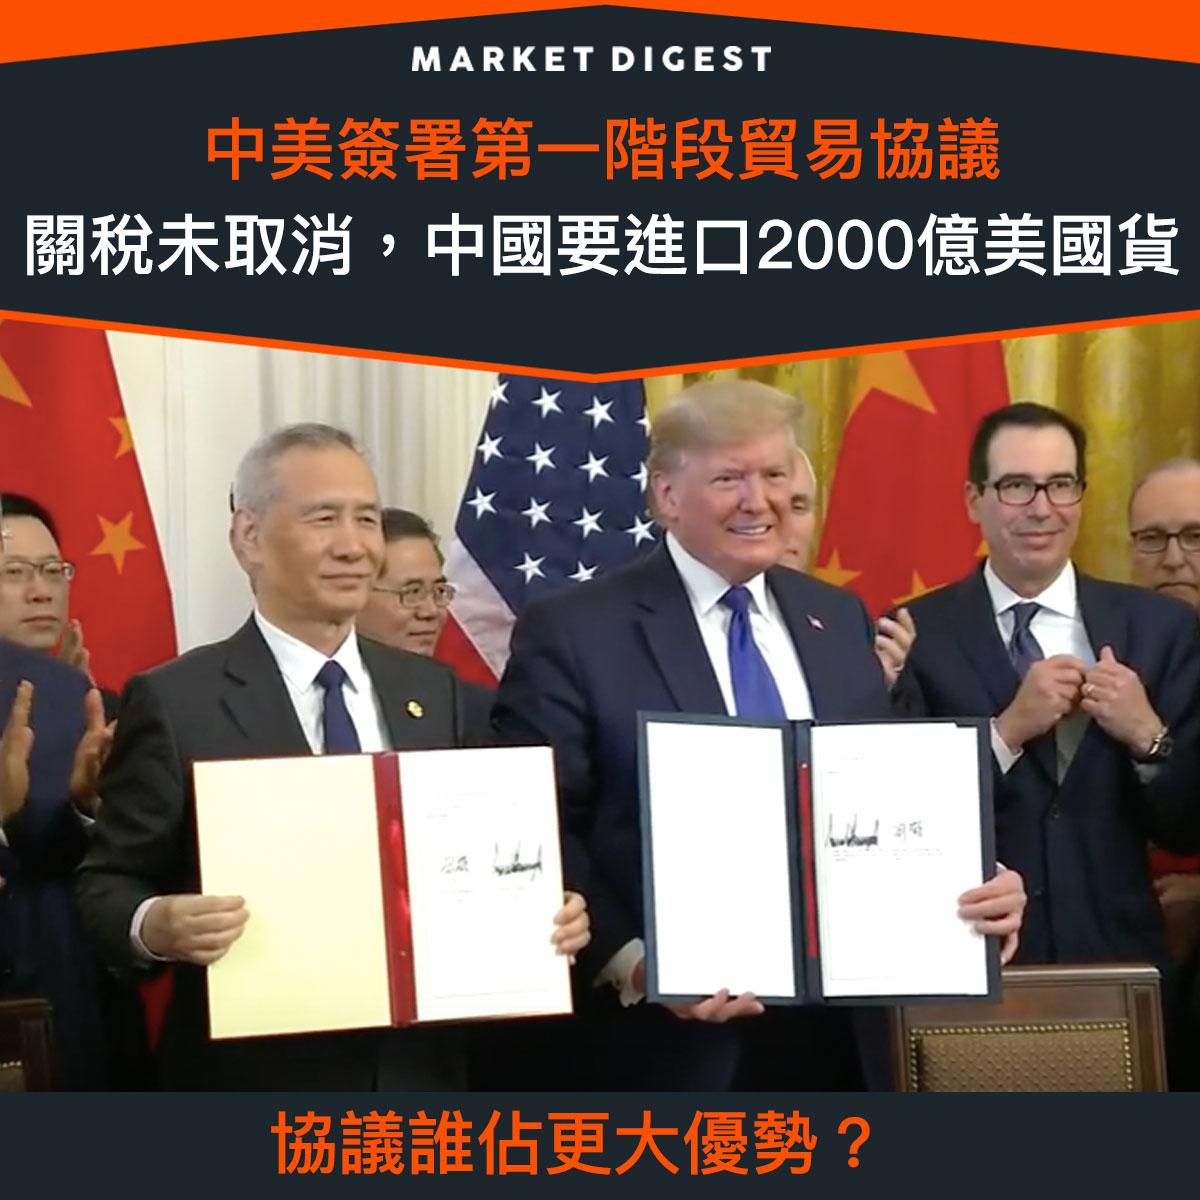 【市場熱話】中美簽署第一階段貿易協議:關稅未取消,中國要進口2000億美國貨